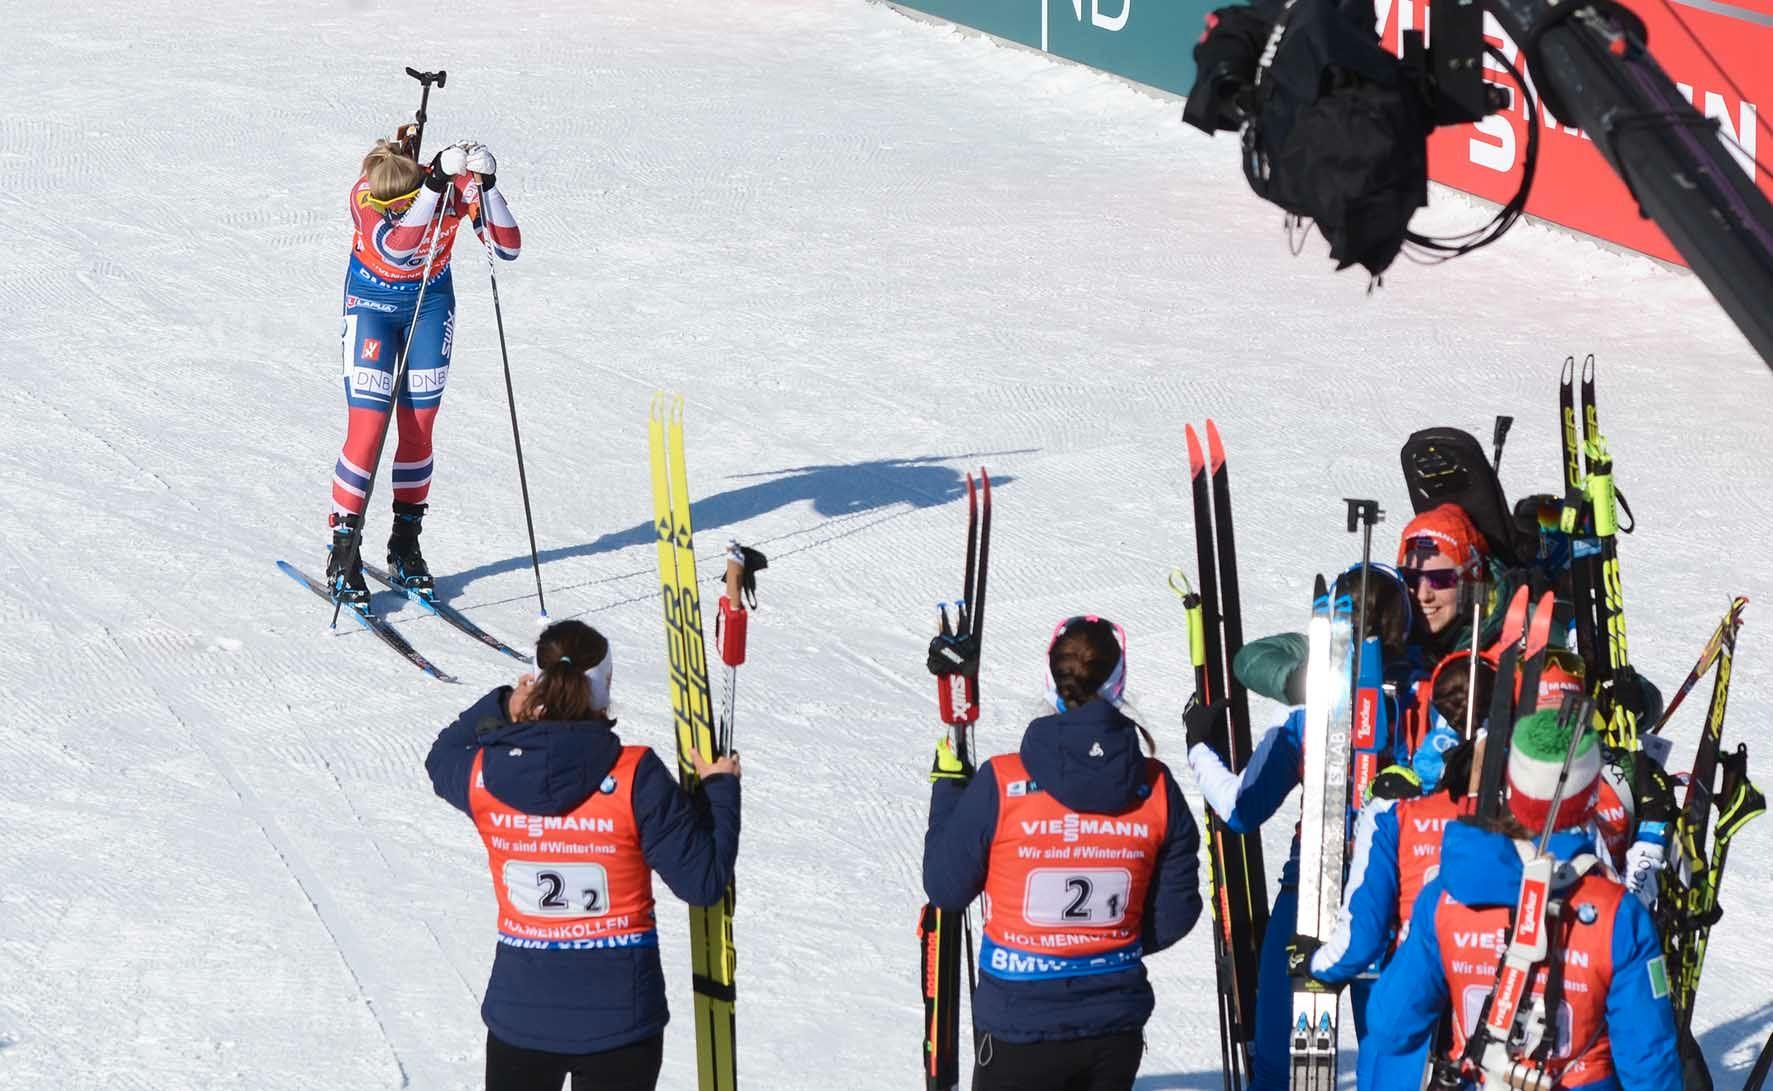 TUNG DAG: Marte Olsbu gjemte ansiktet i hendene da hun gikk i mål til 4. plass på stafetten i Kollen.